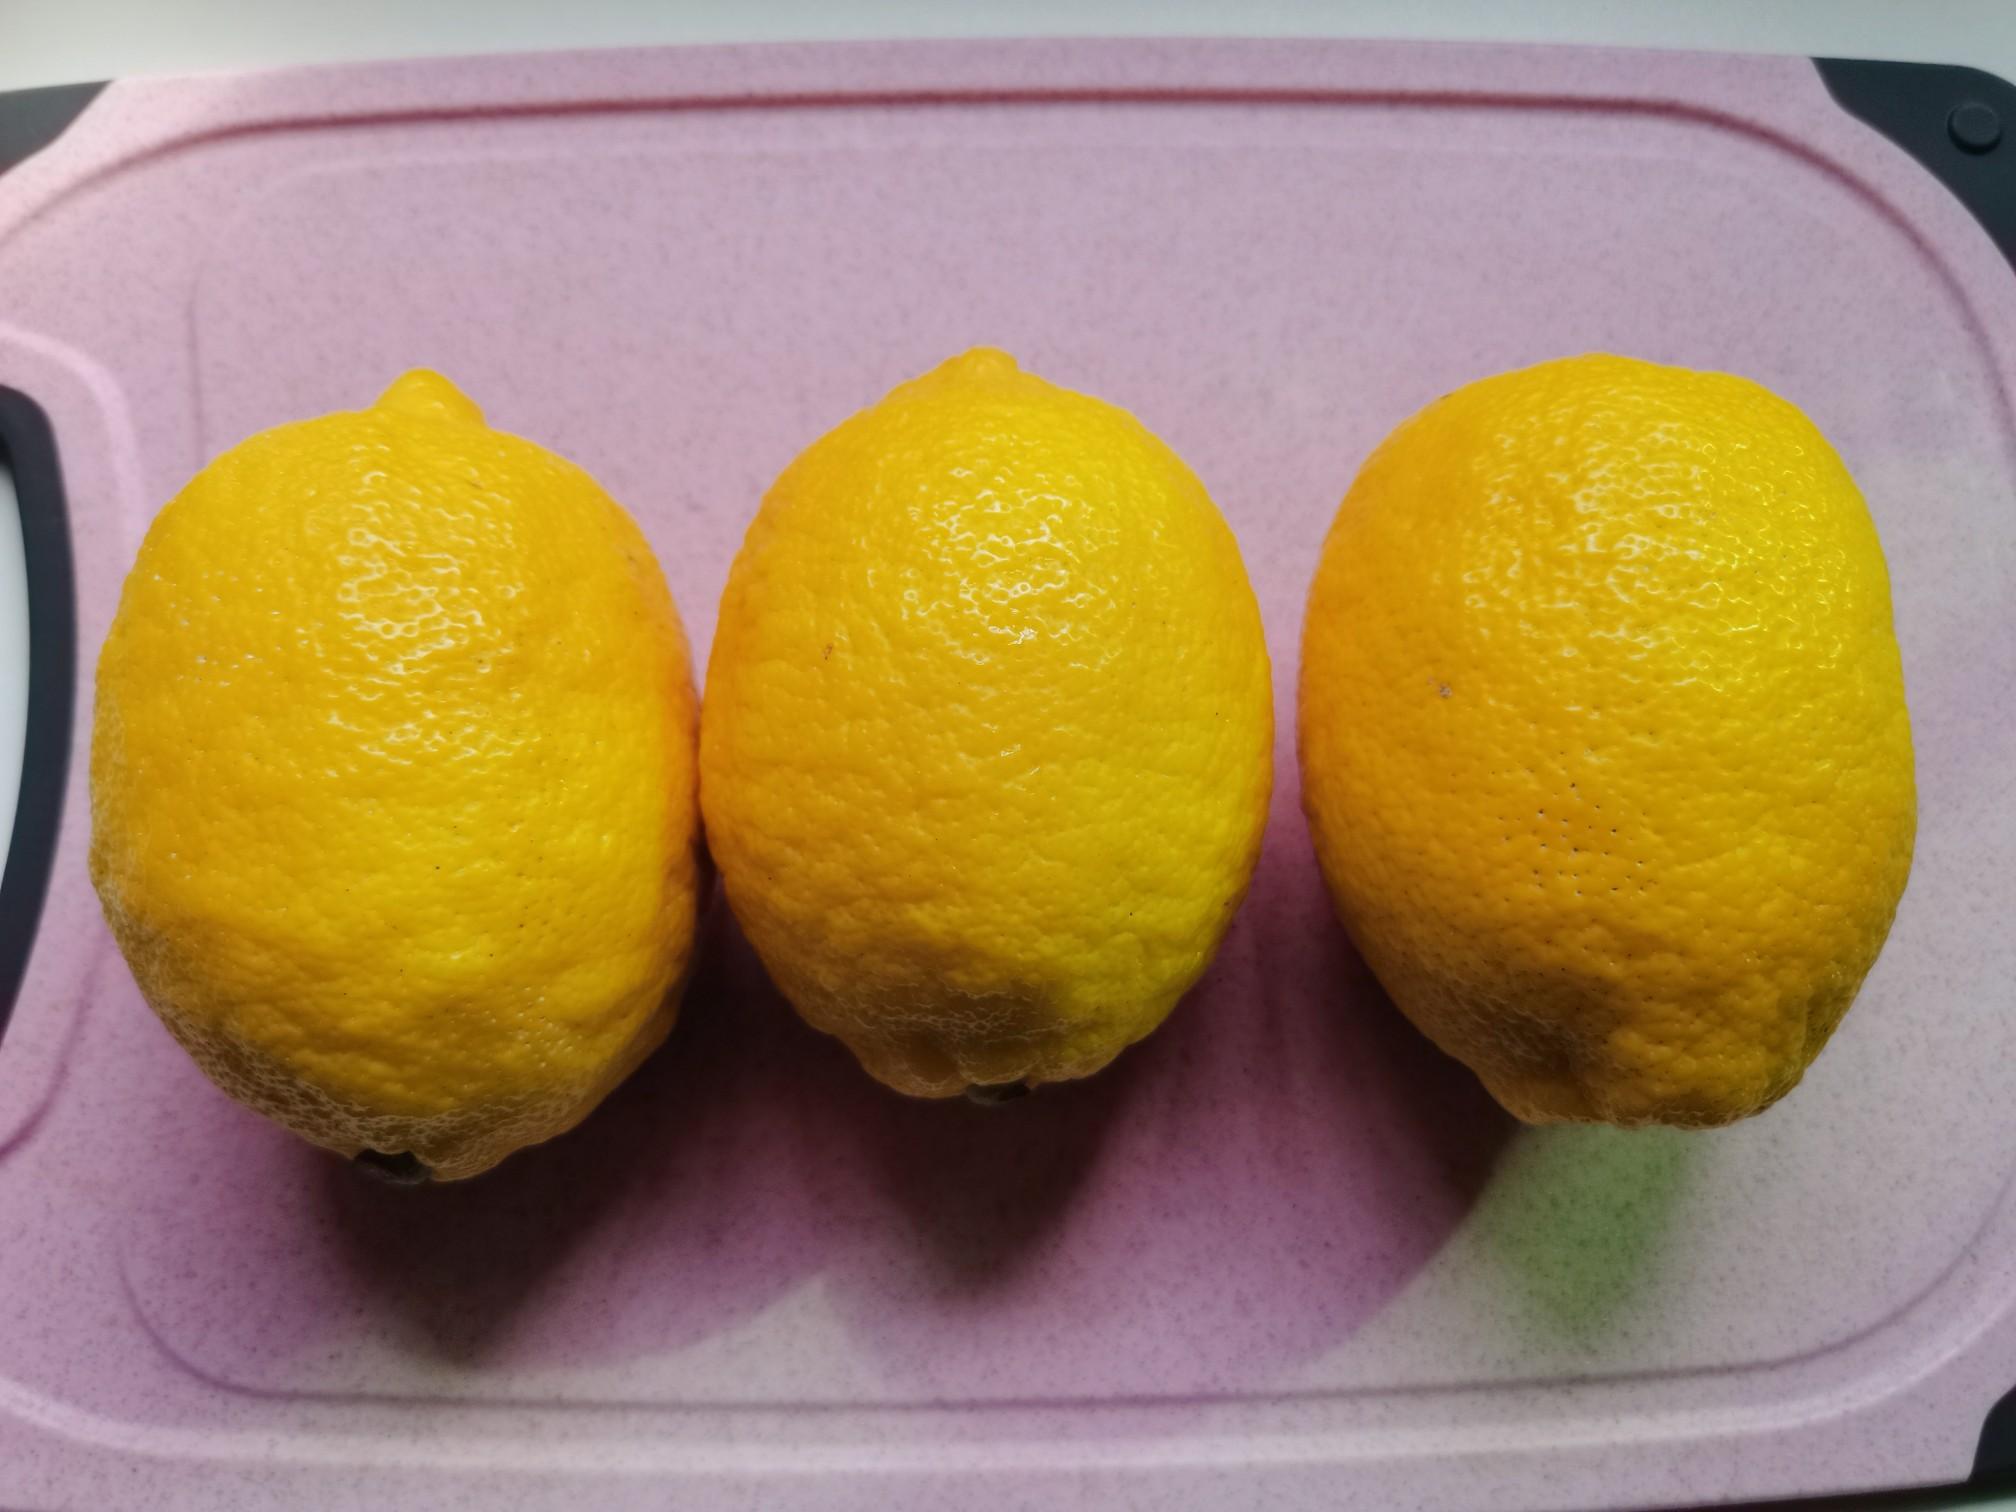 冰糖柠檬的家常做法